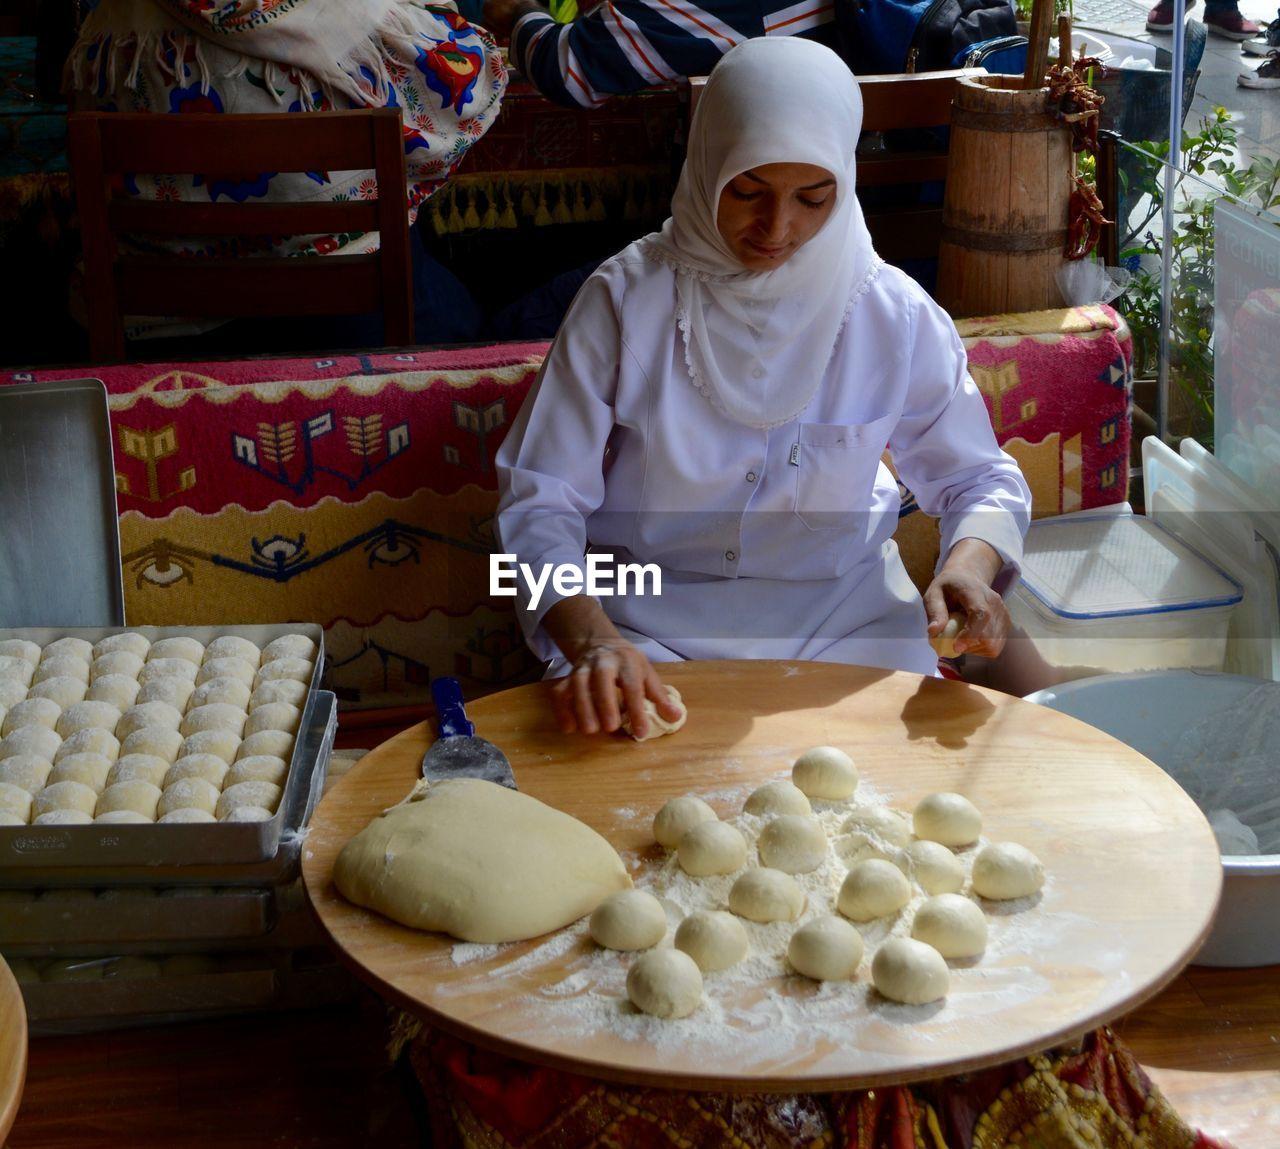 Woman Wearing Hijab Preparing Food In Bakery